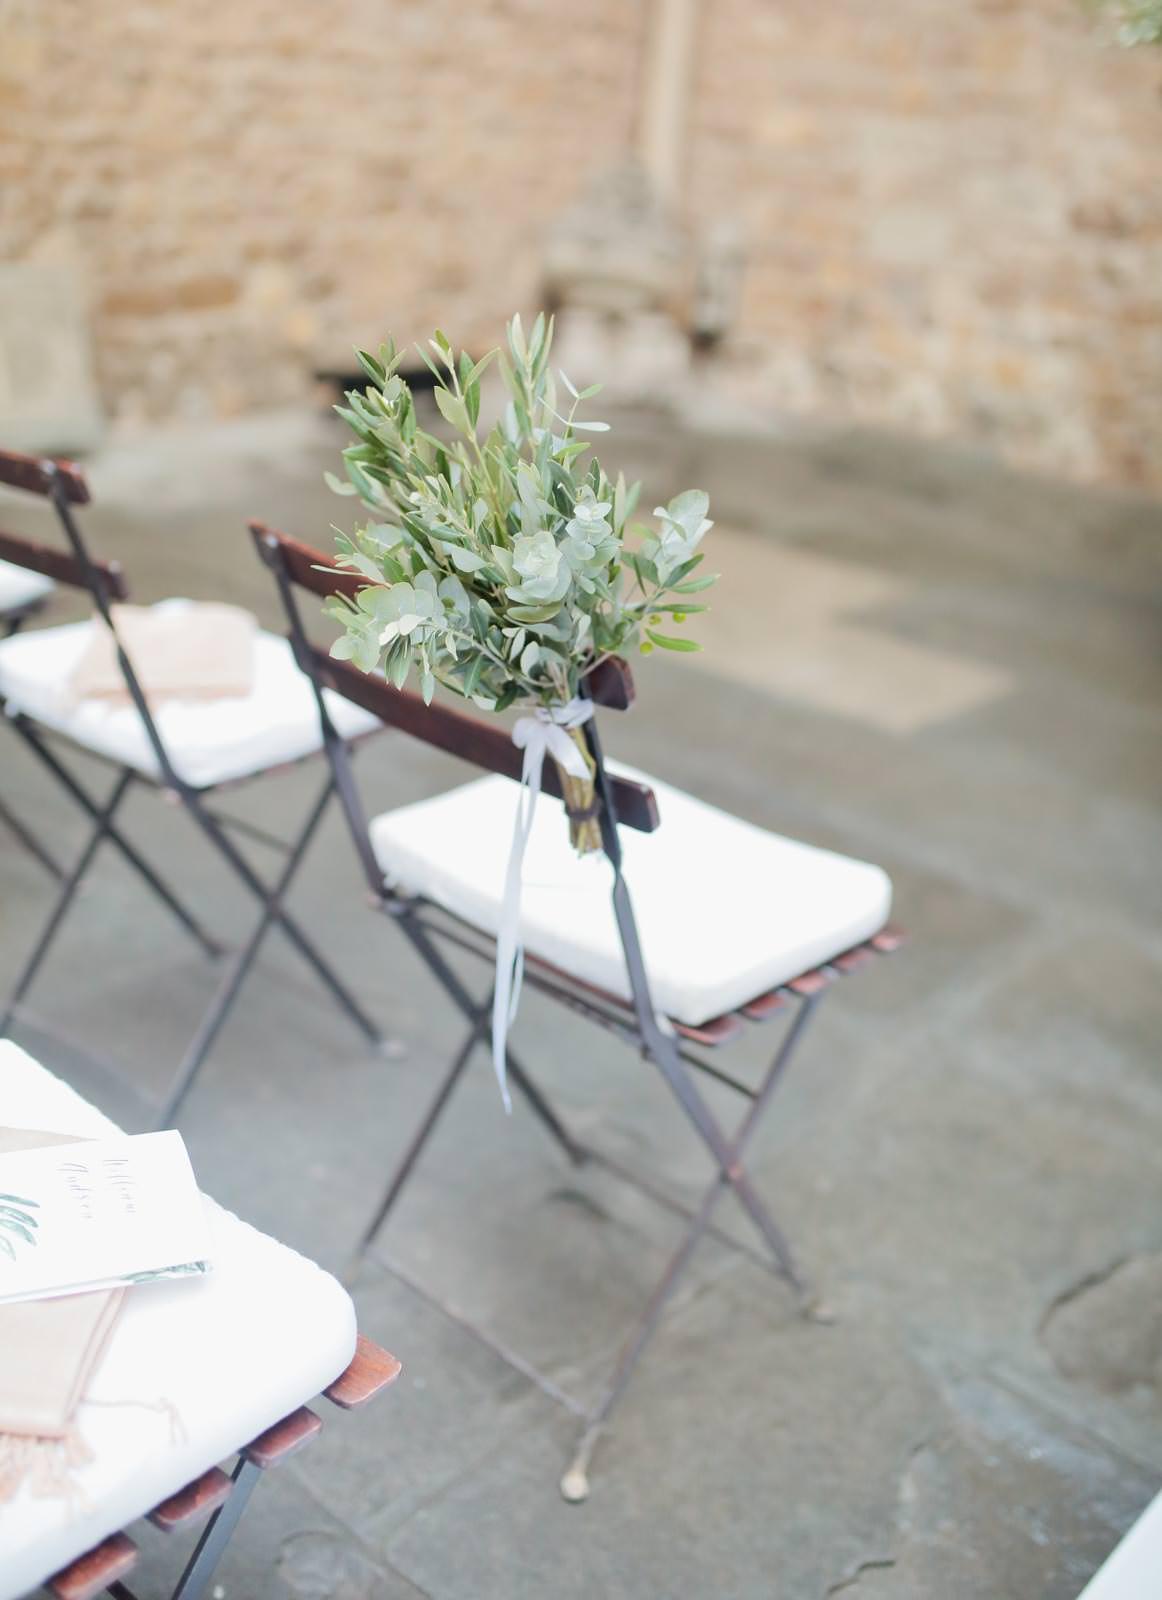 ceremony decor by the courtyard of castello di vincigliata